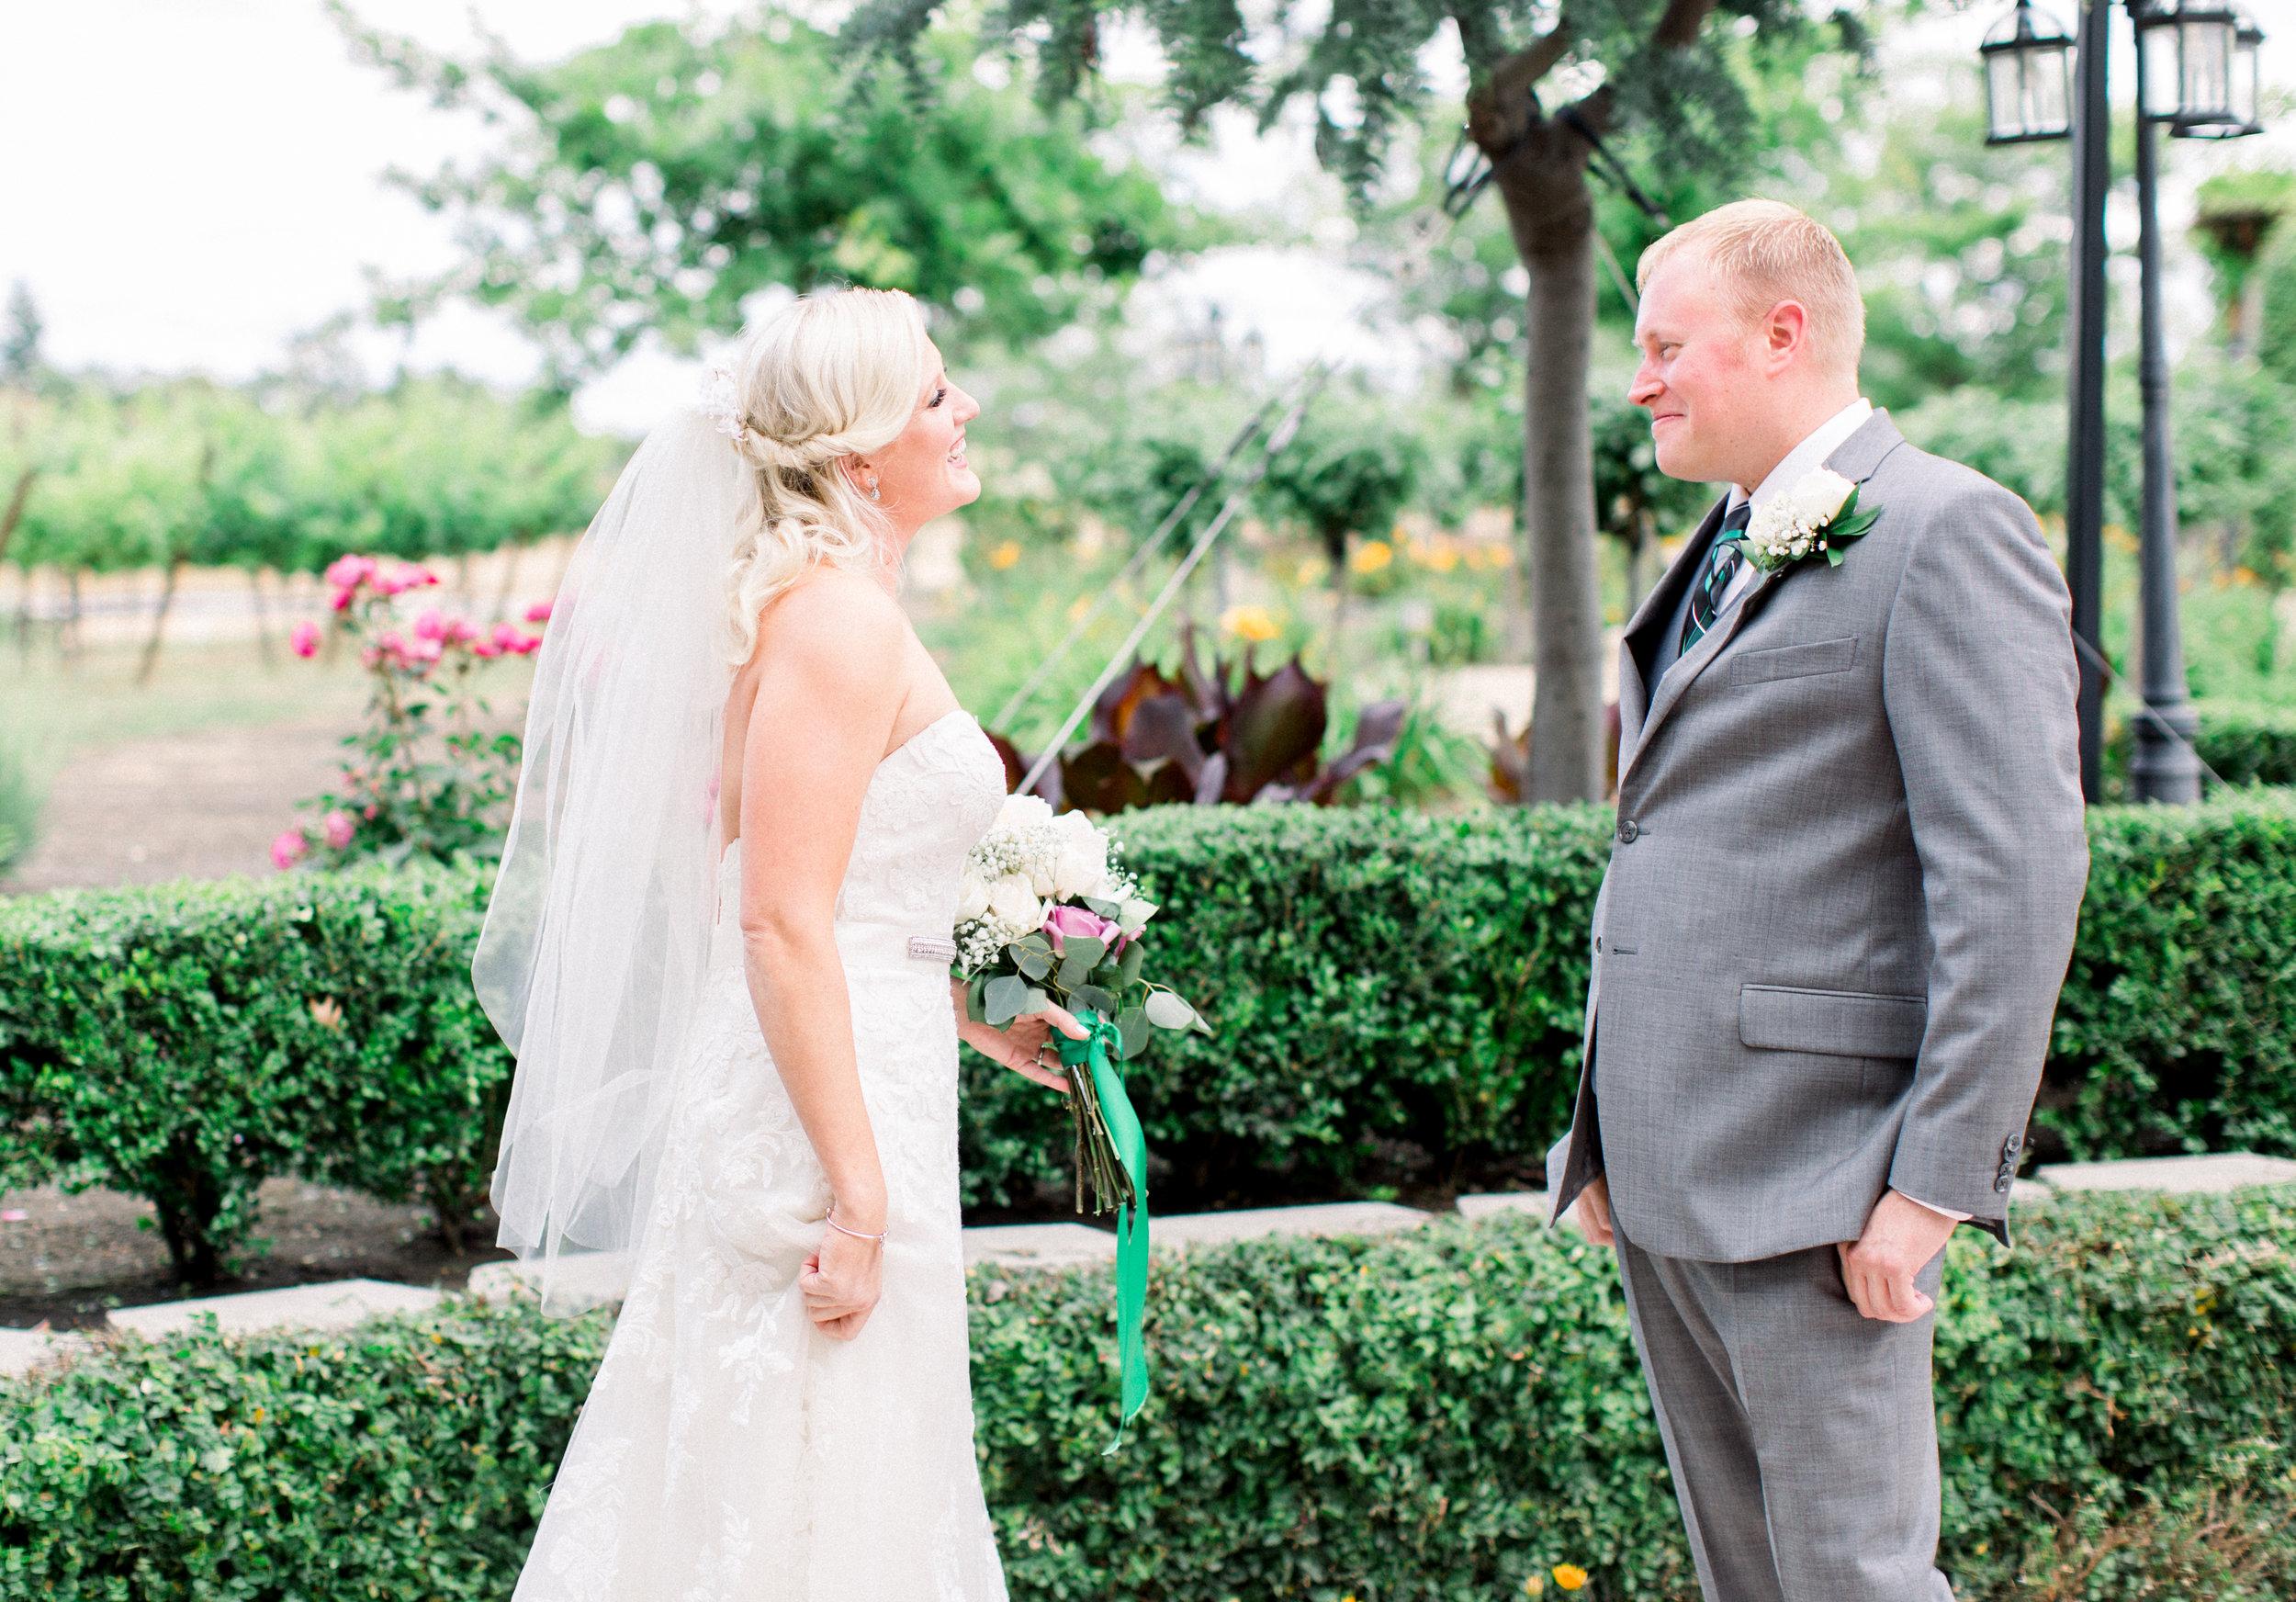 wolfe-heights-event-center-wedding-2.jpg